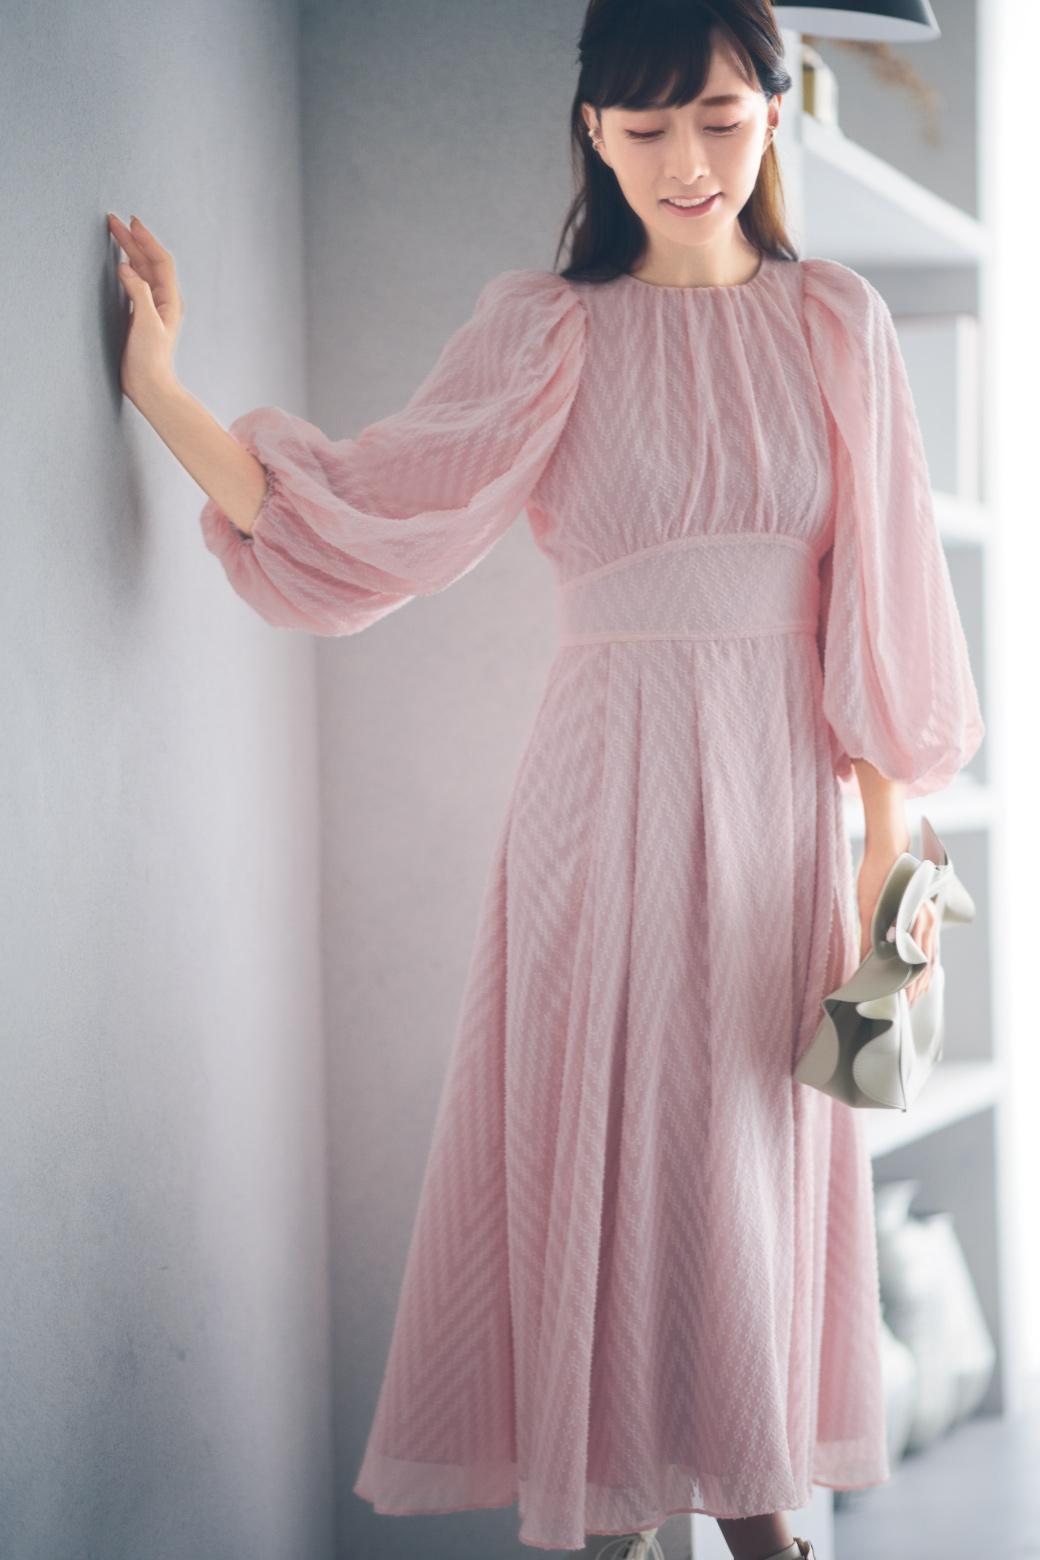 ライトピンクーのドレスを着た女性